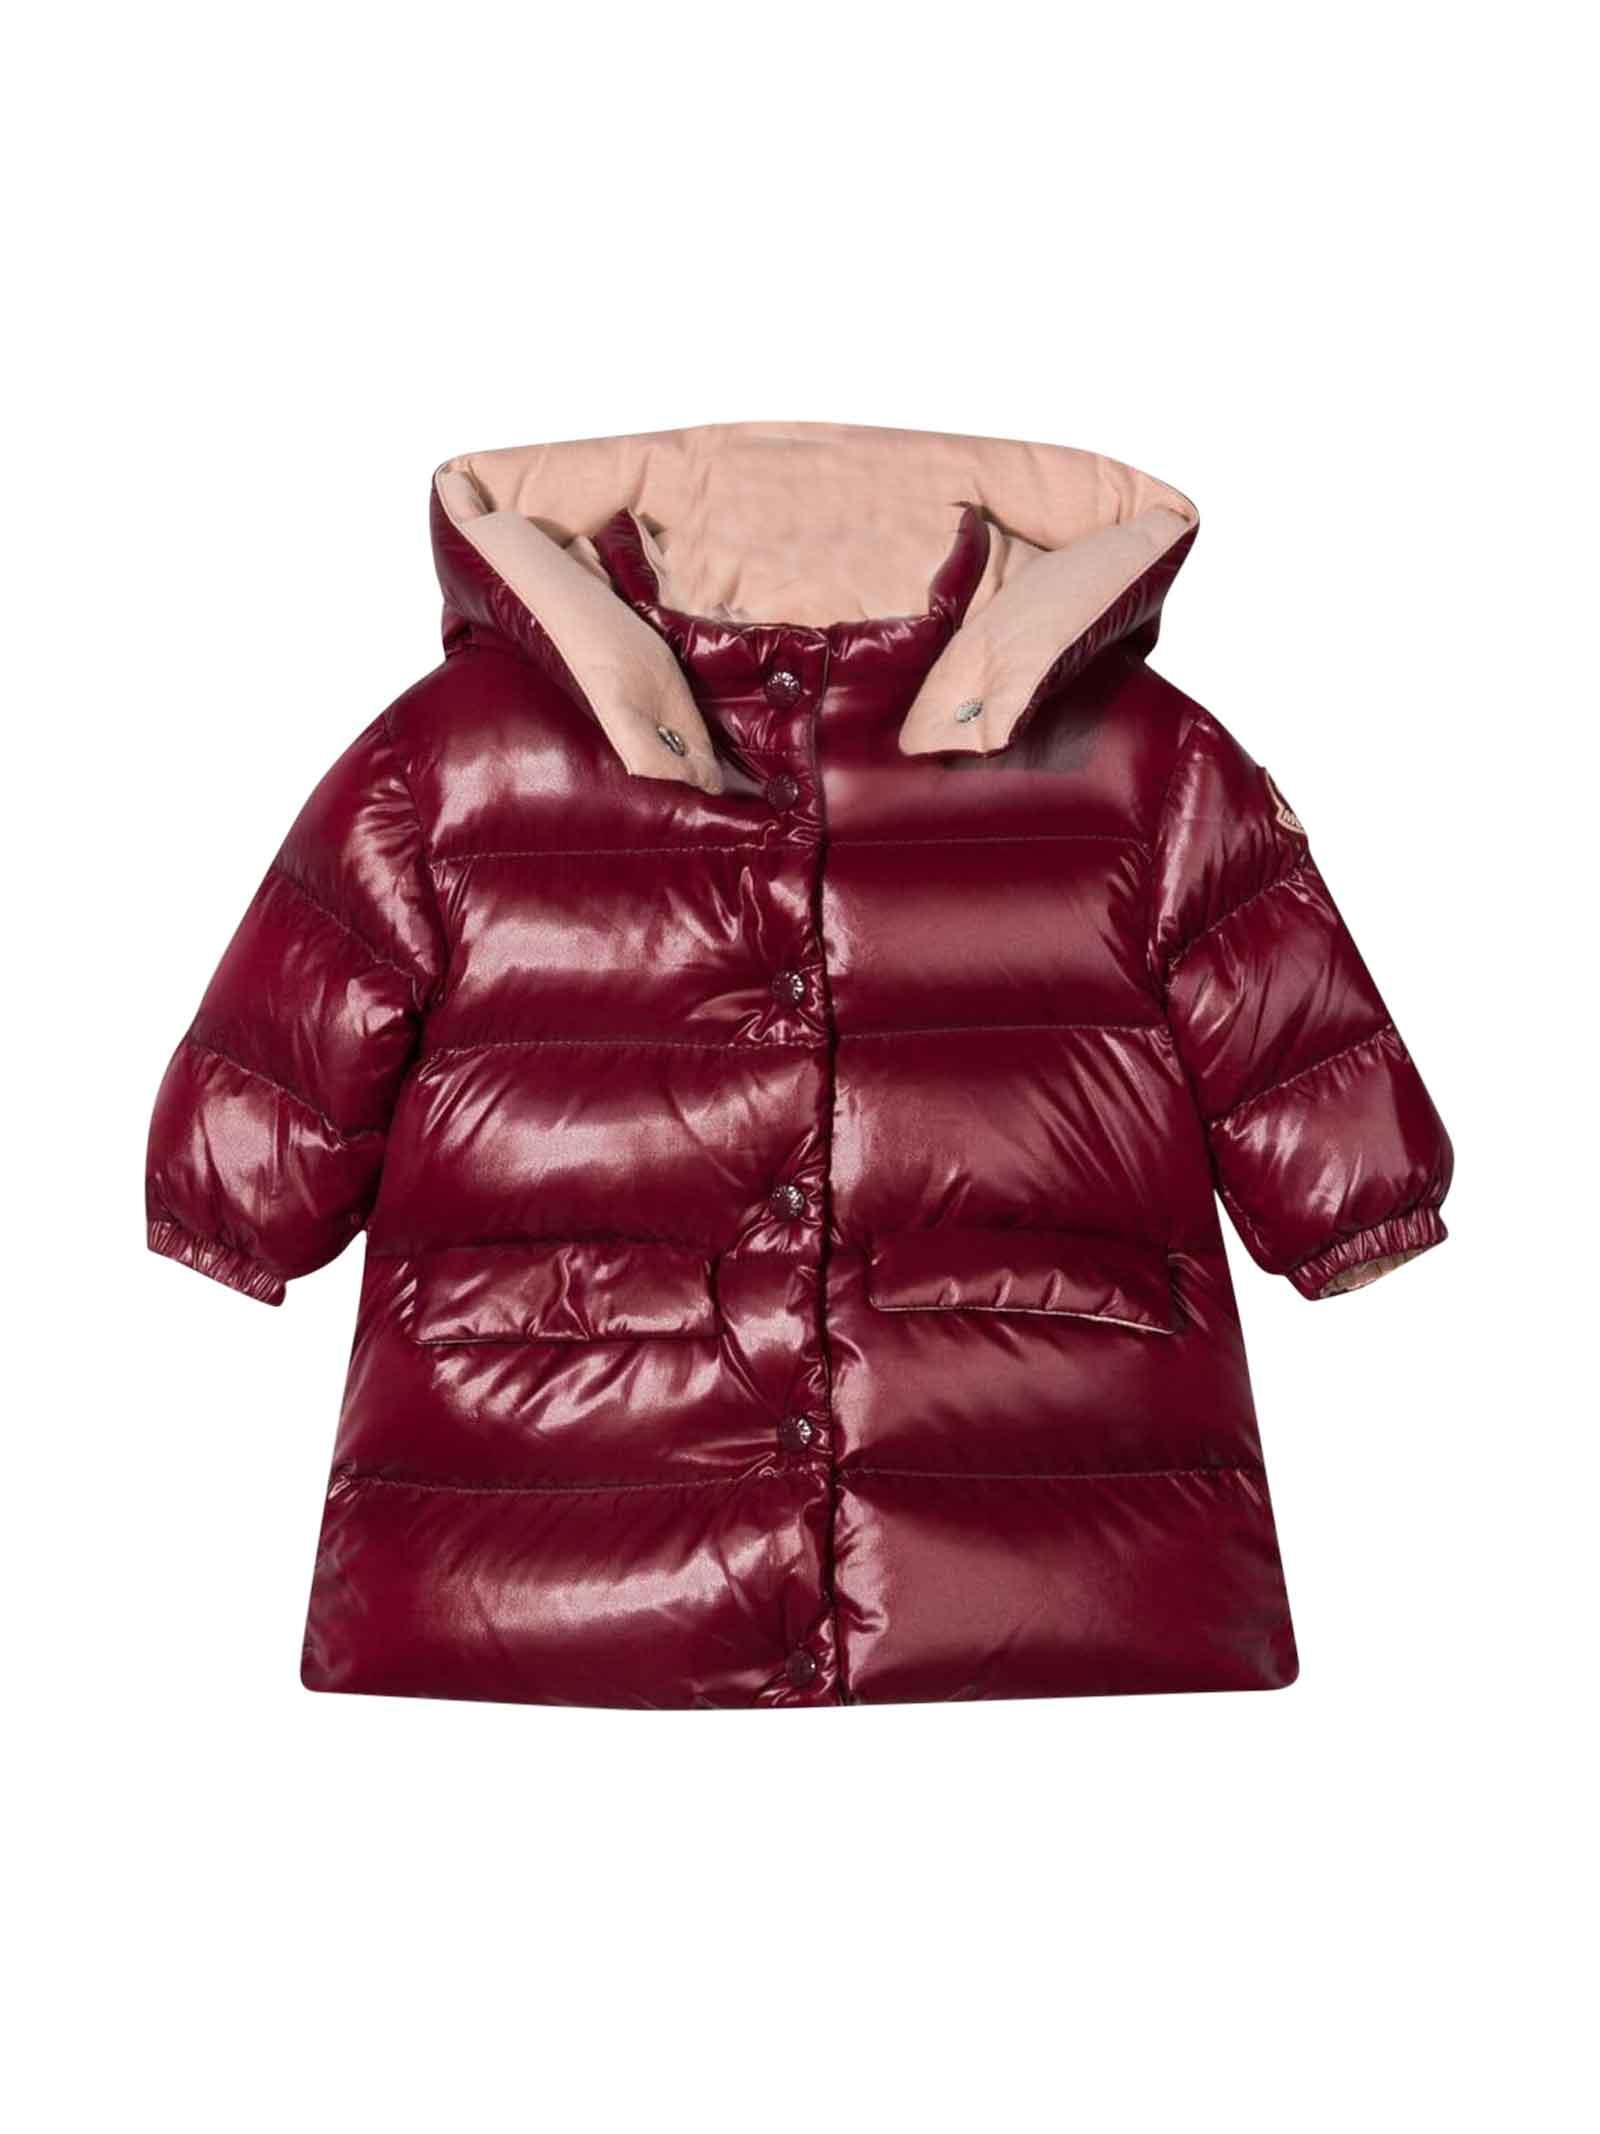 Moncler Moncler Enfant Baby Girl Dark Red Down Jacket